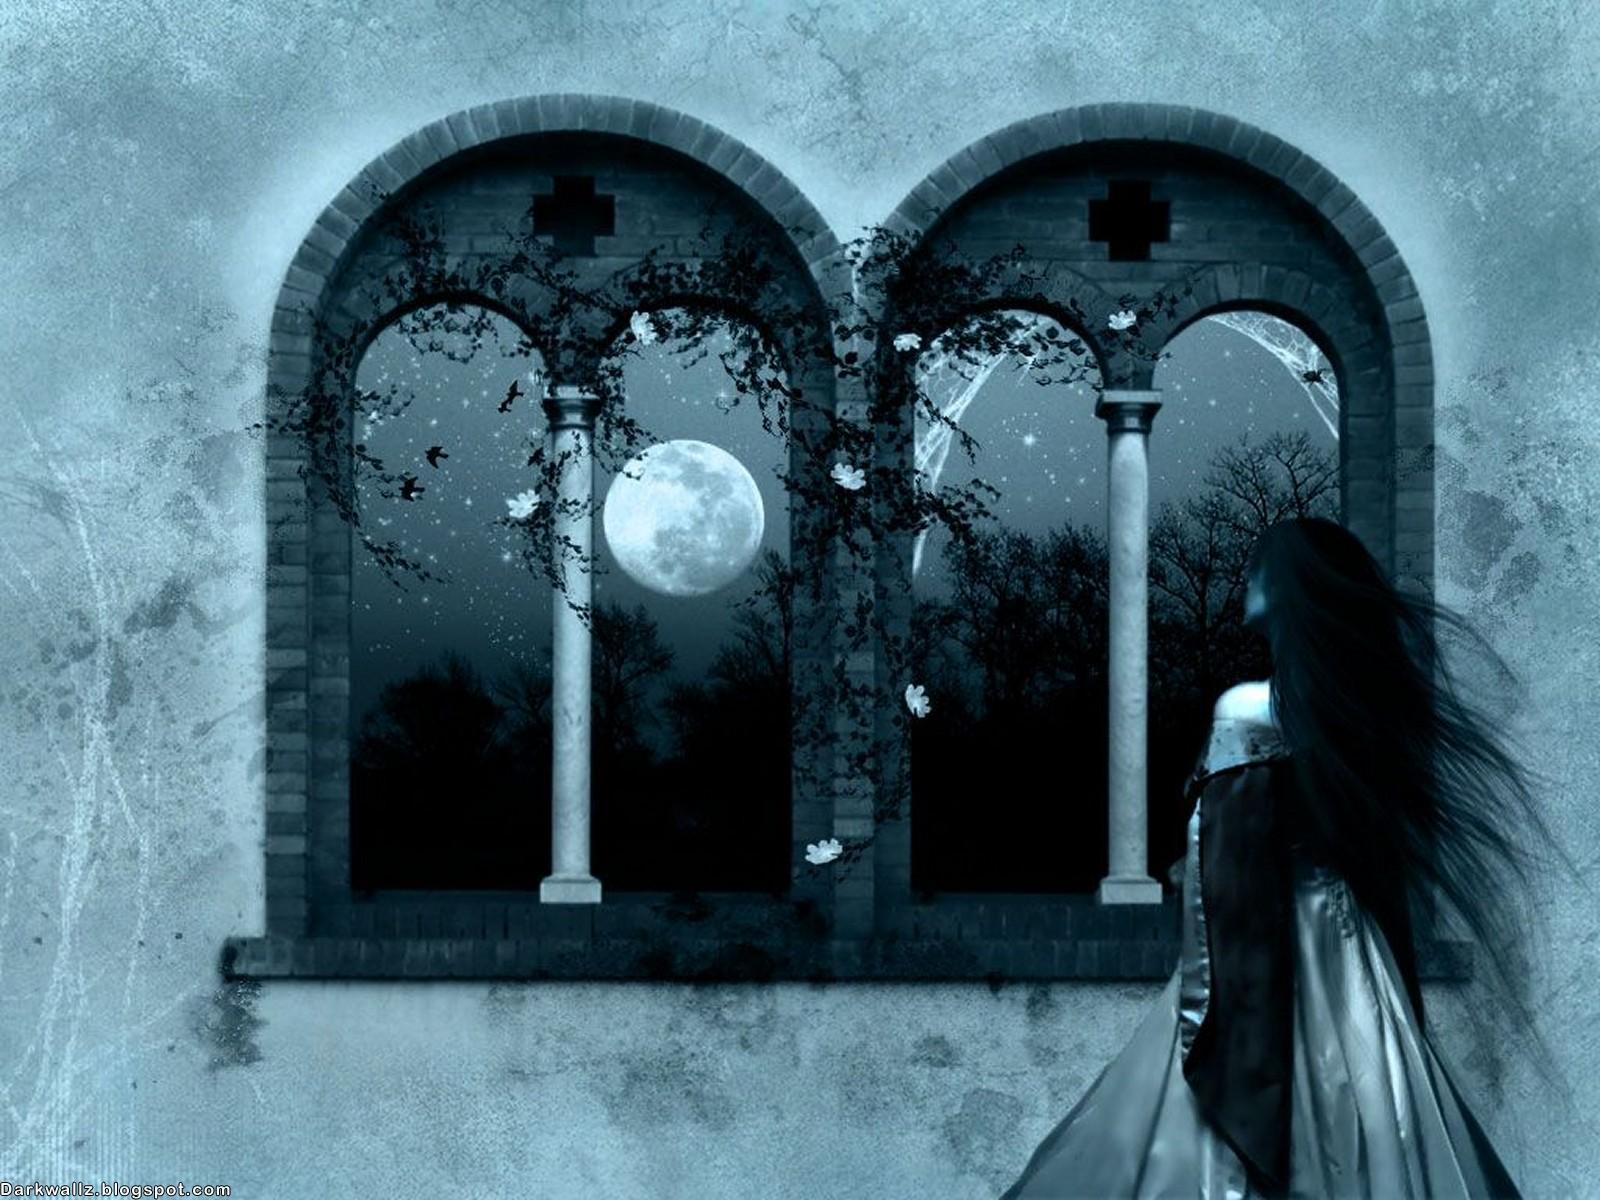 Dark Girls Wallpapers 03| Dark Wallpaper Download